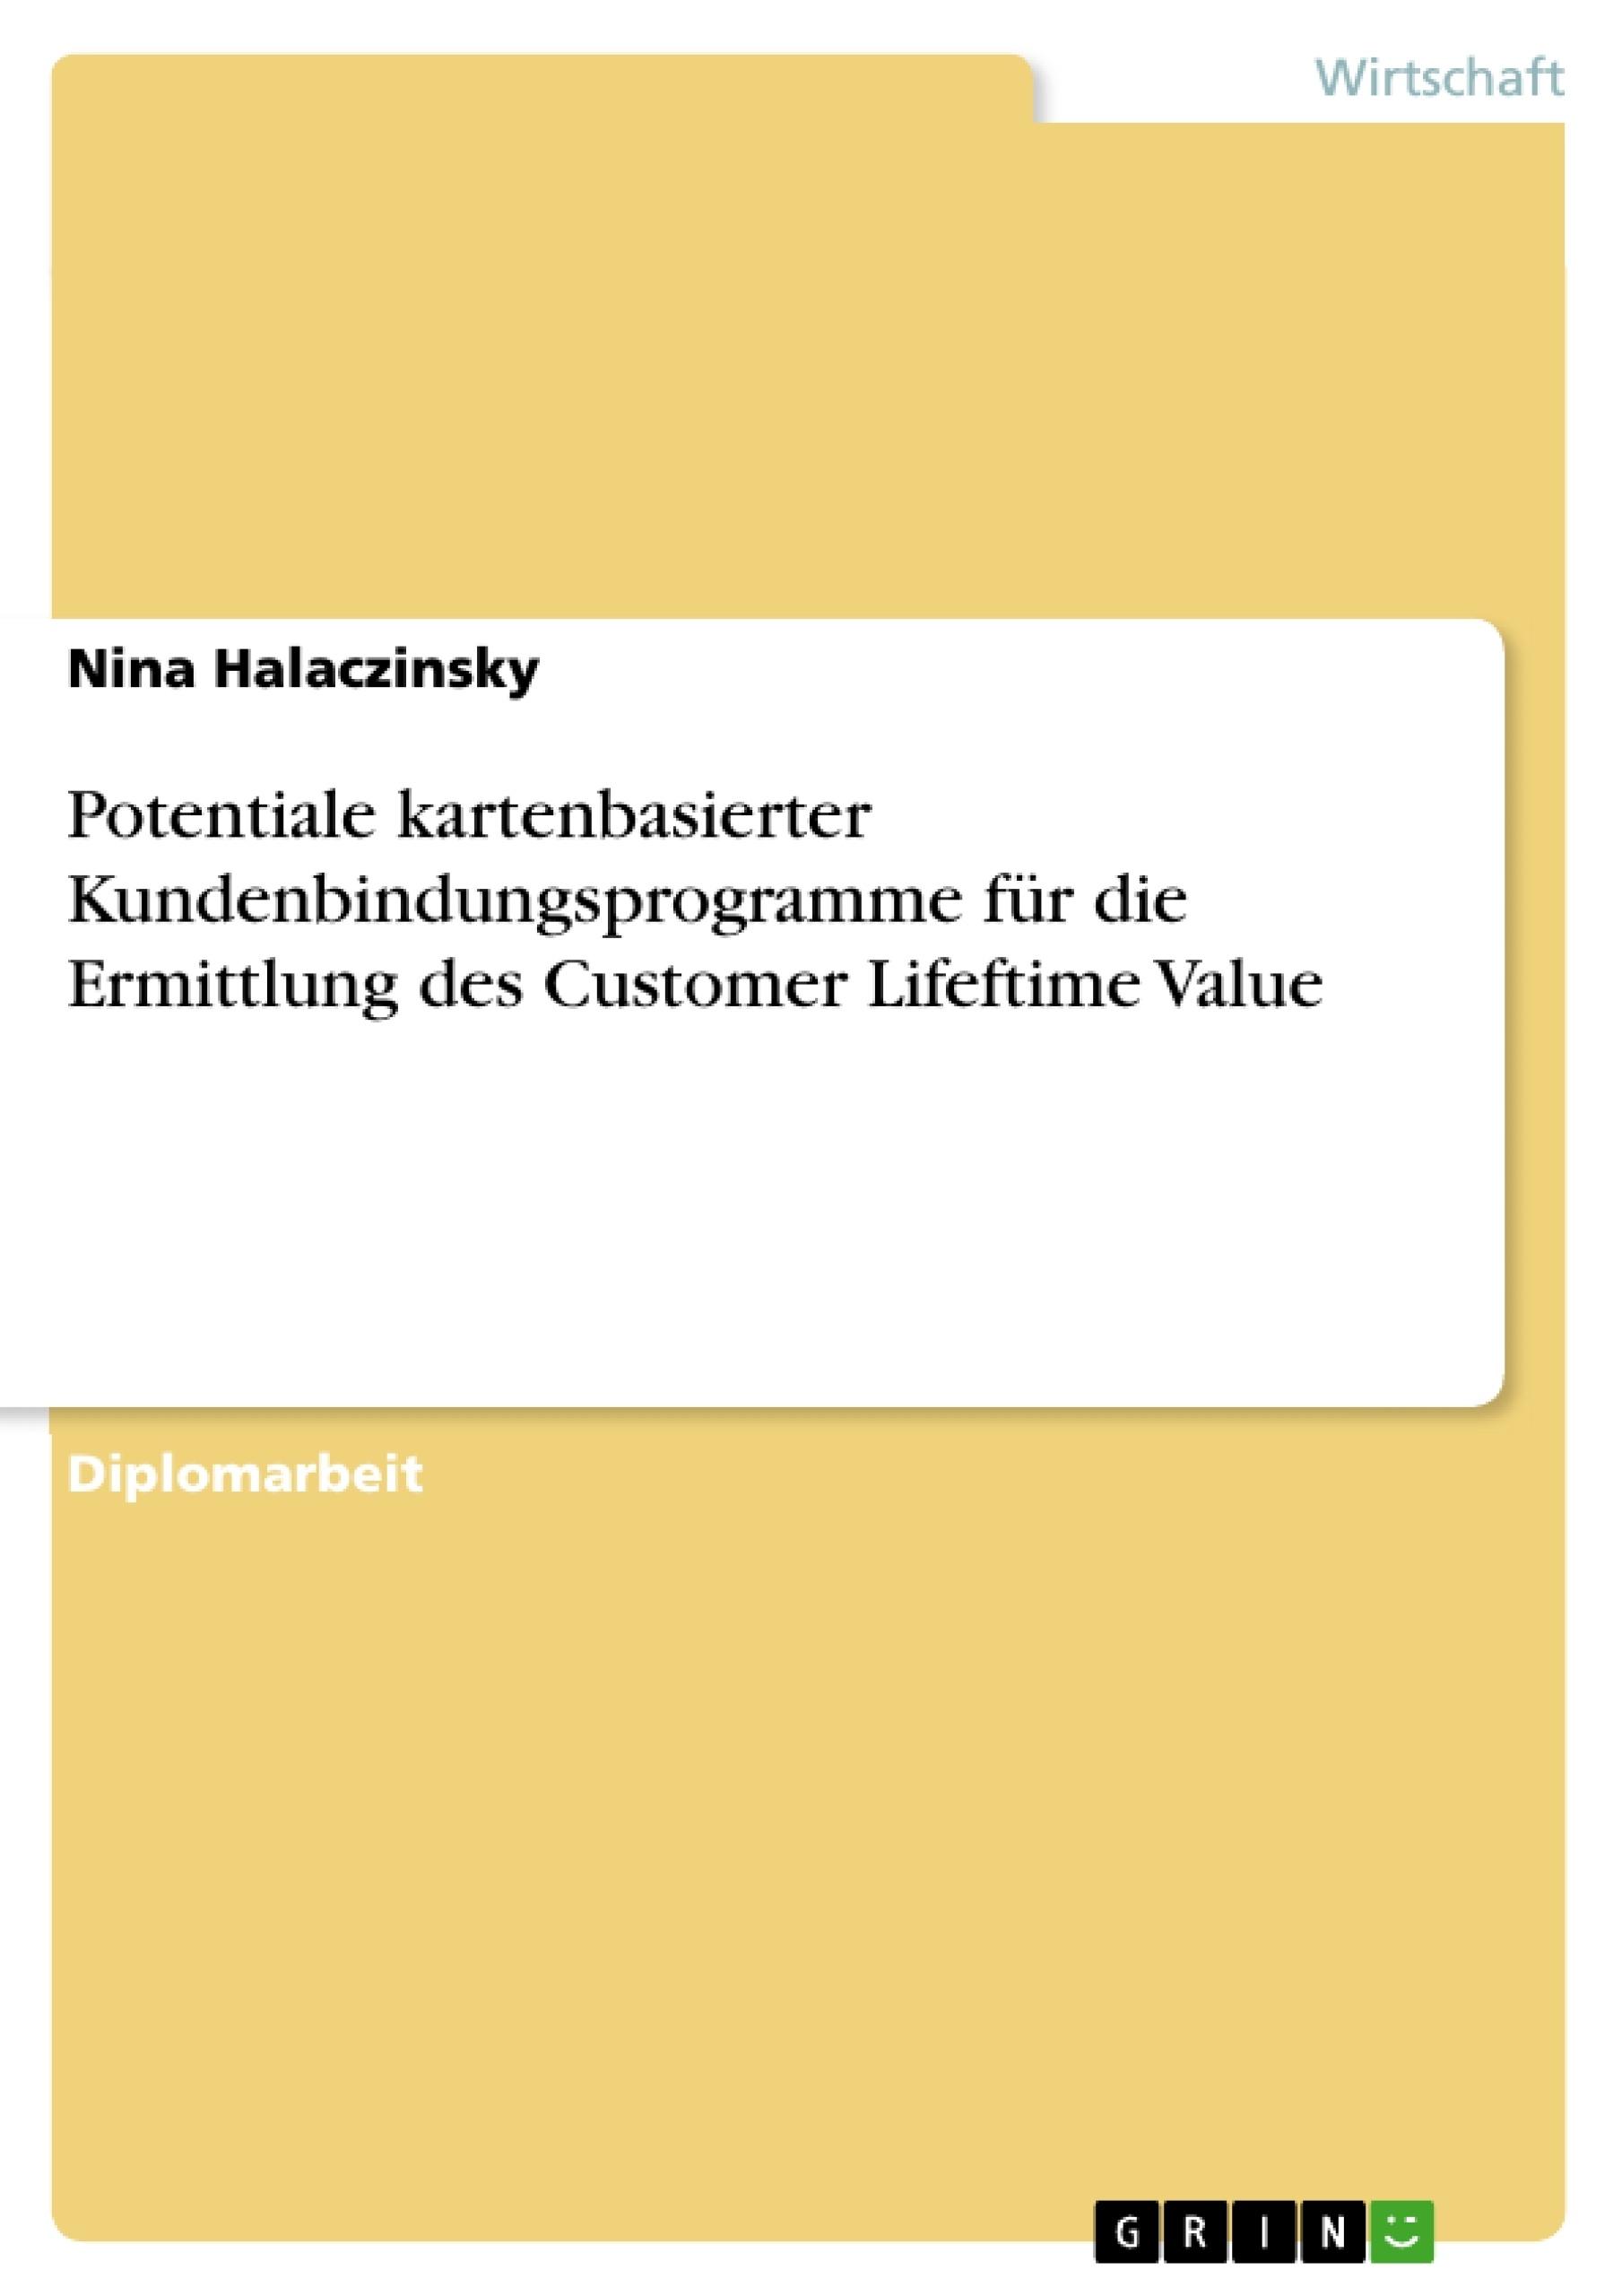 Titel: Potentiale kartenbasierter Kundenbindungsprogramme für die Ermittlung des Customer Lifeftime Value